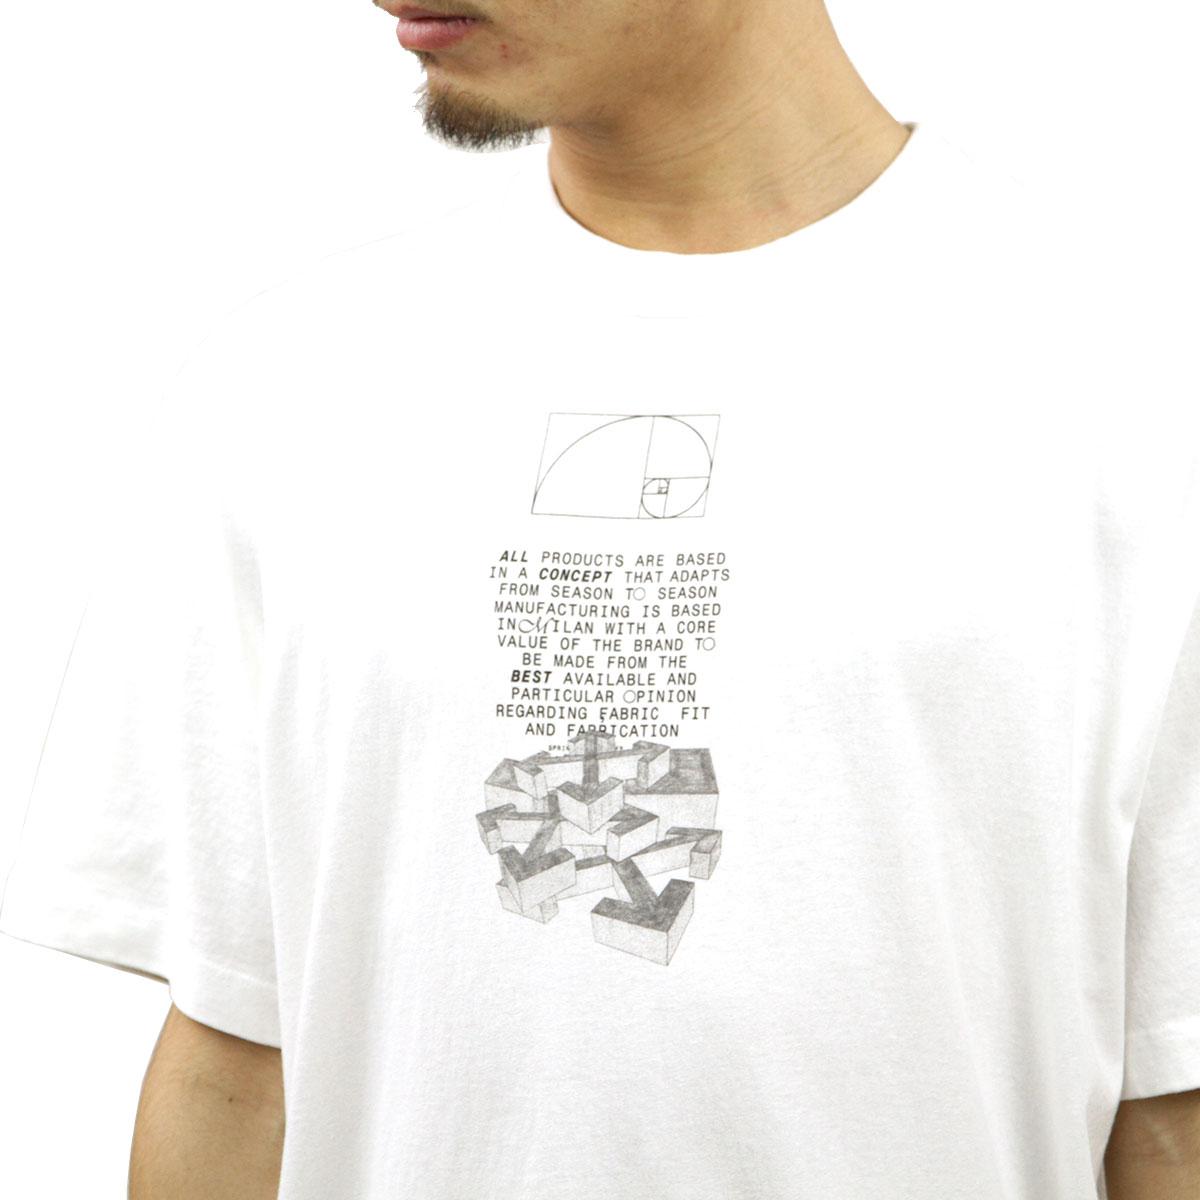 オフホワイト Tシャツ メンズ 正規品 OFF-WHITE 半袖Tシャツ クルーネックTシャツ DRIPPING ARROWS S/S OVER TEE WHITE BLACK OMAA038R201850050110 AB3B B1C C1D D1E E01F